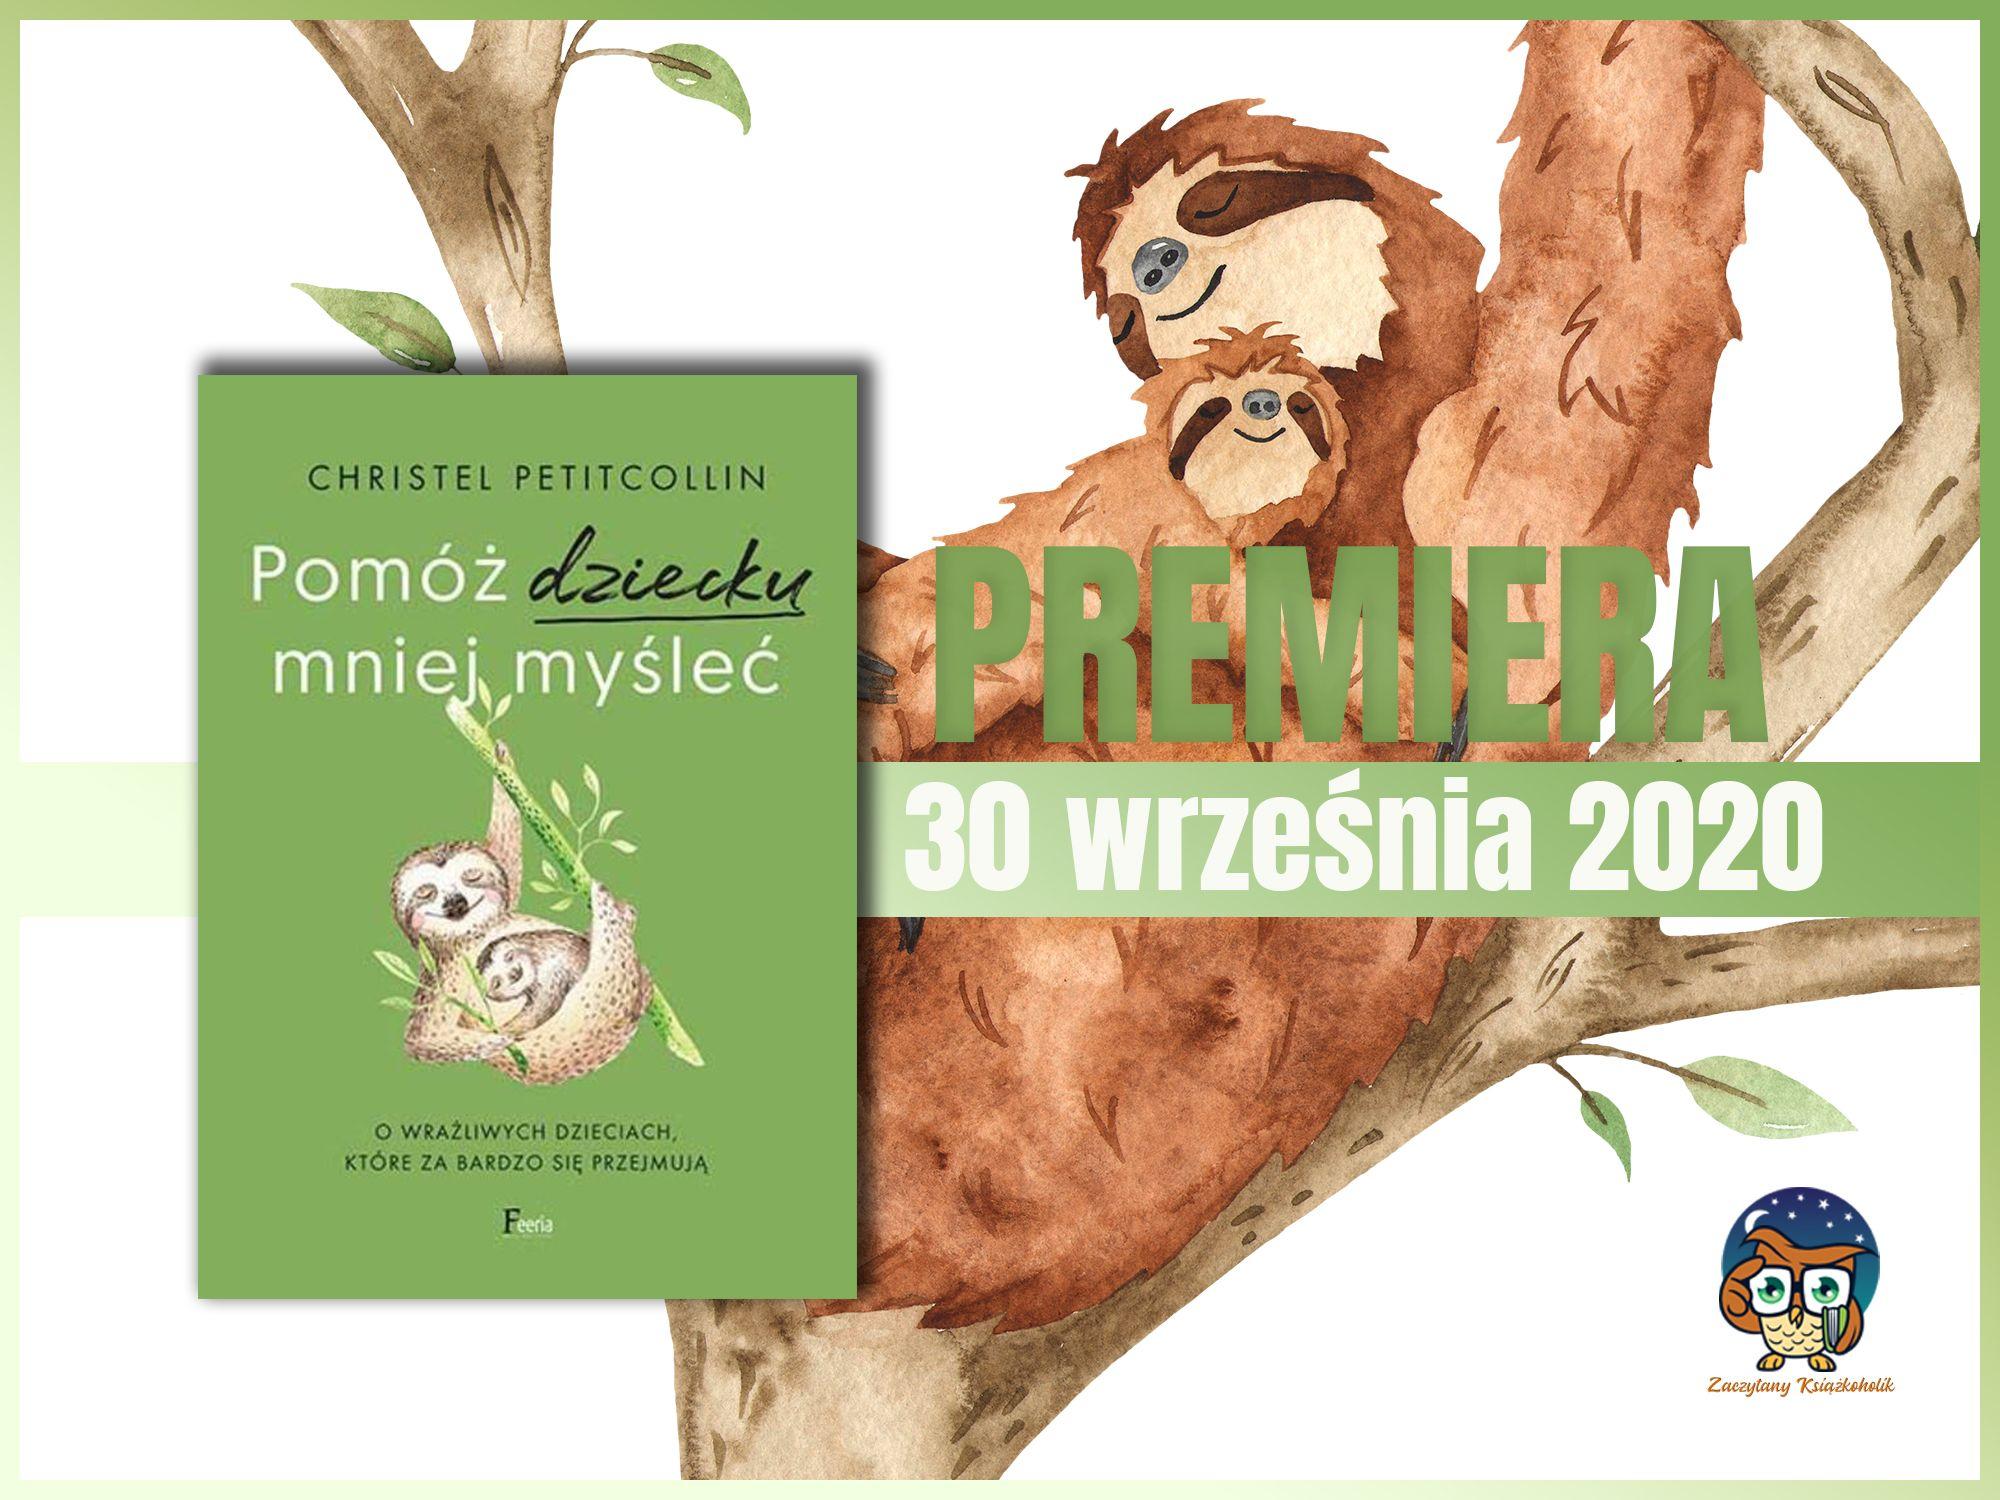 Pomóź dziecku mniej myśleć, Christel Petitcollin, zaczytanyksiazkoholik.pl